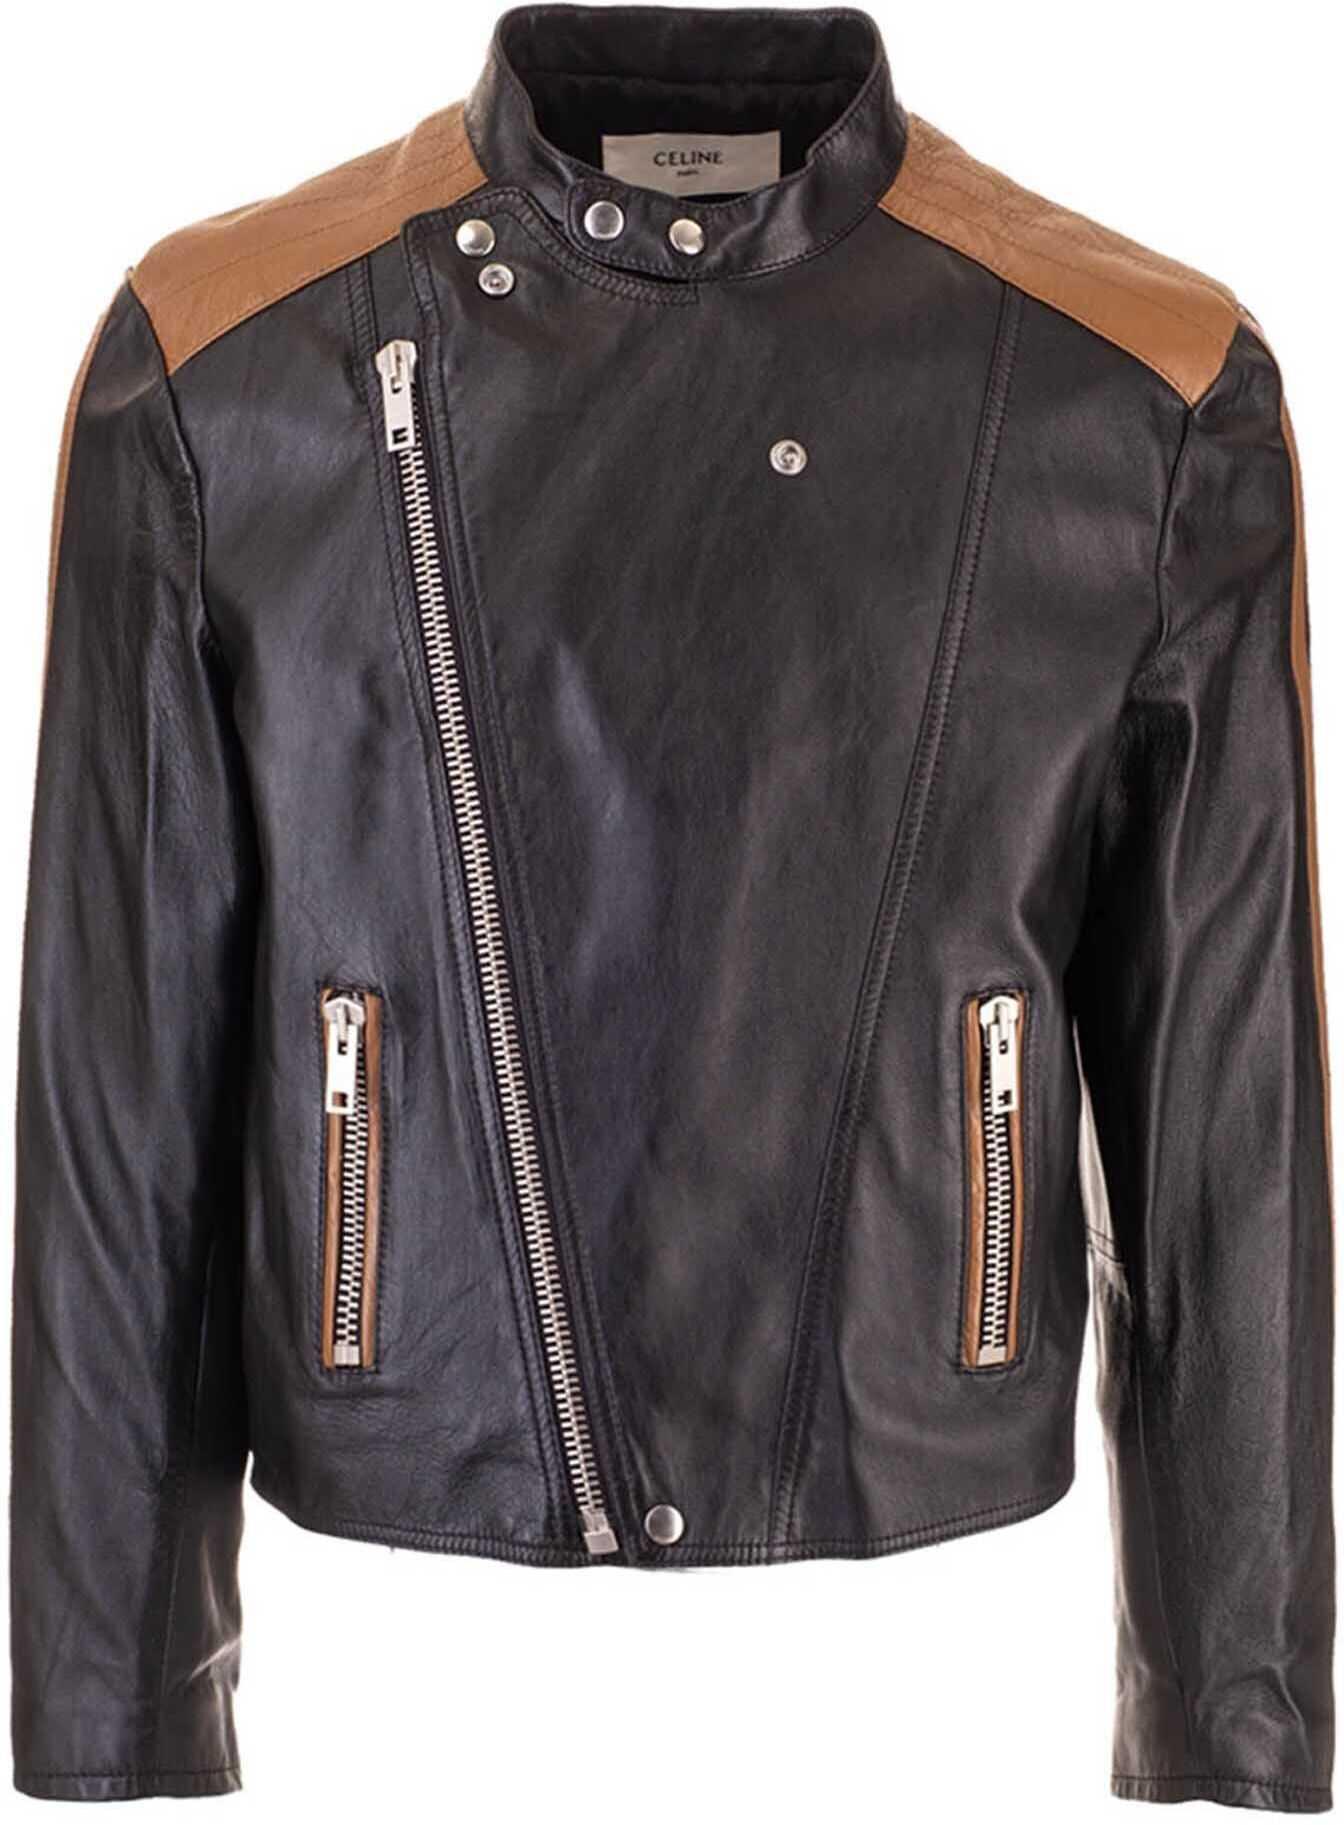 Céline Cafe Racer Leather Jacket In Black Black imagine